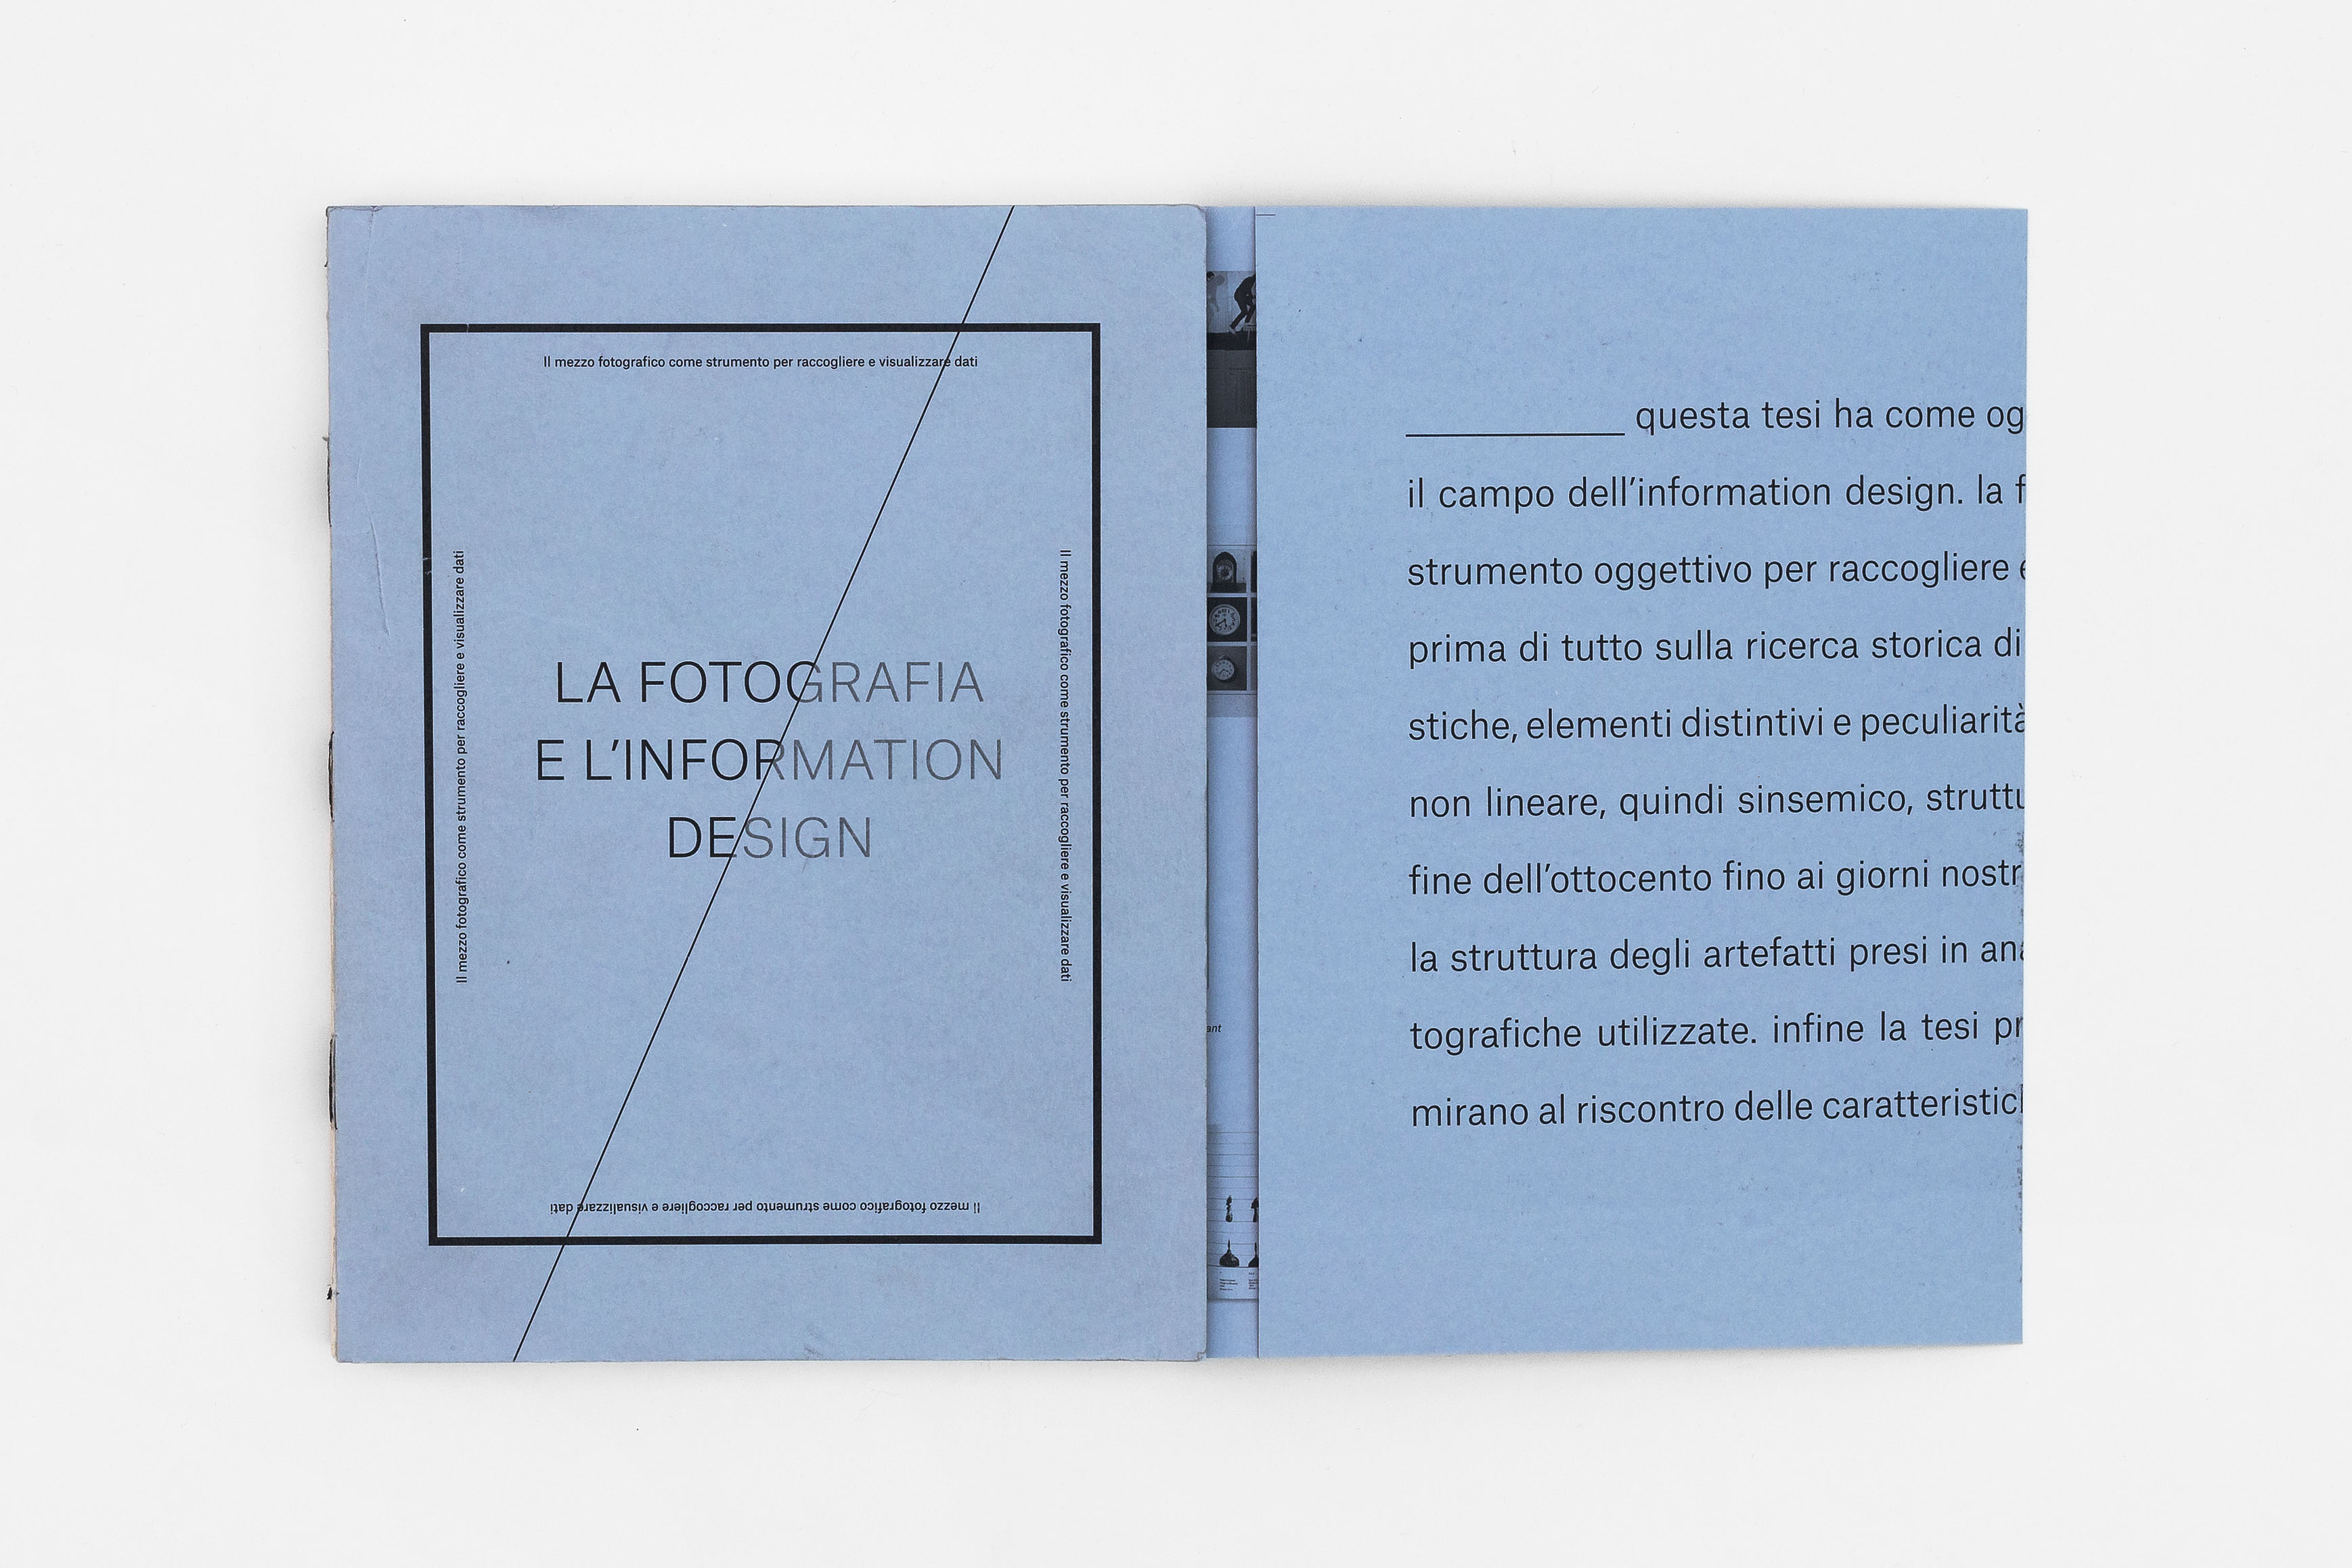 Veronica Maccari - La fotografia e l'Information Design / Triennio ISIA